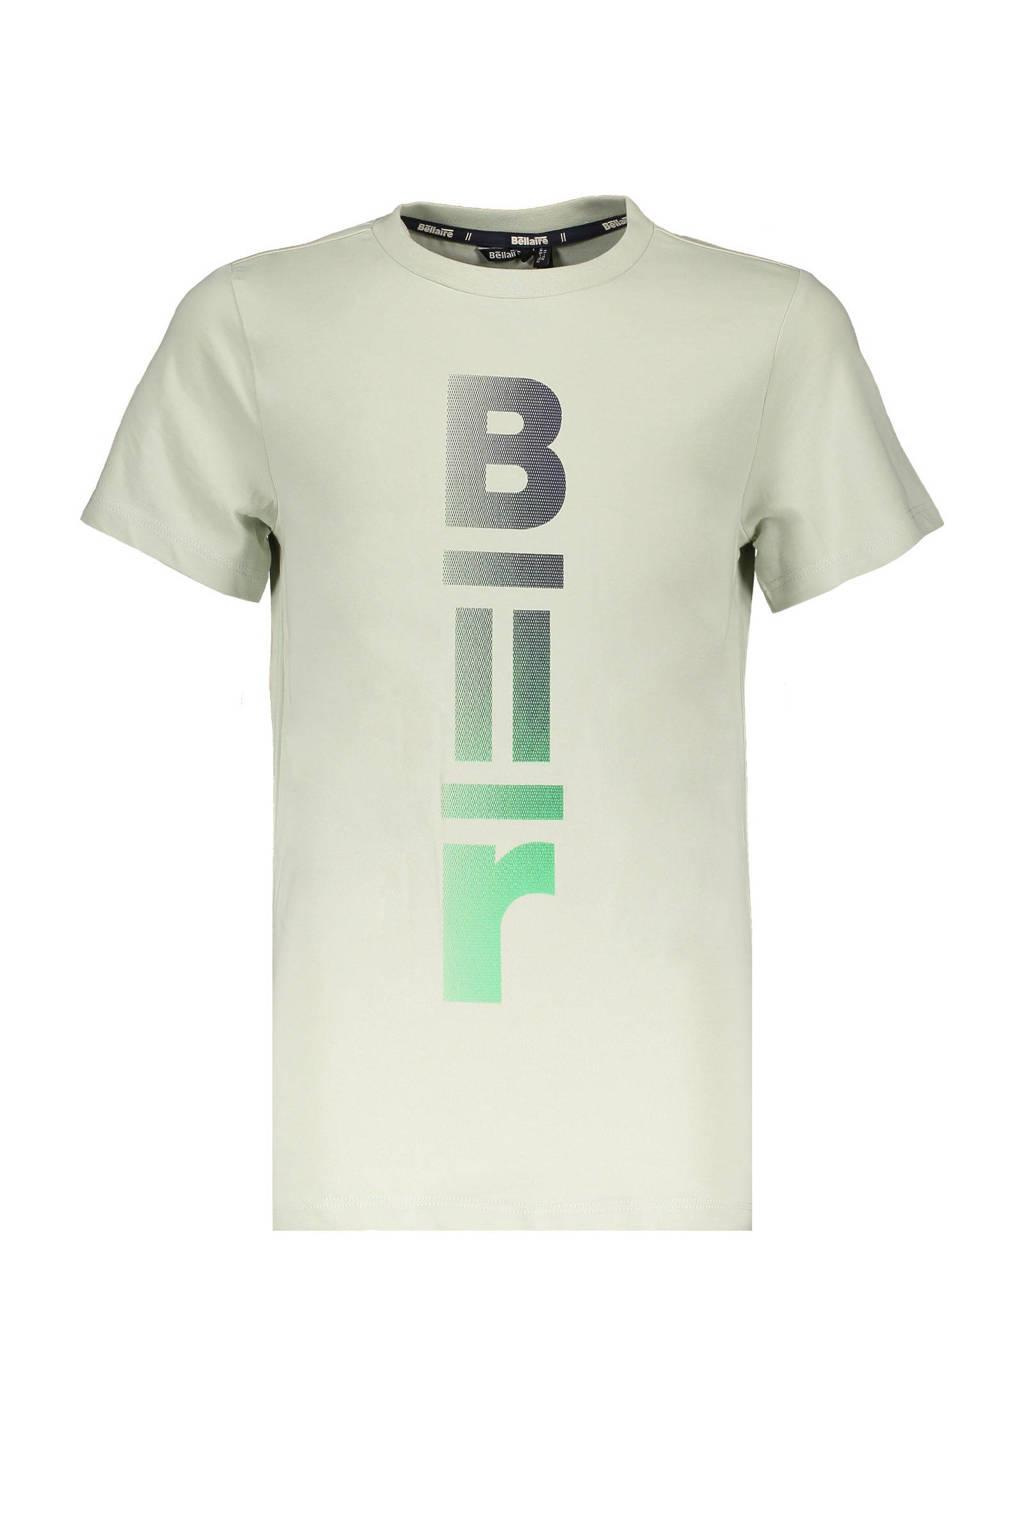 Bellaire T-shirt Kurt met logo lichtgroen, Lichtgroen